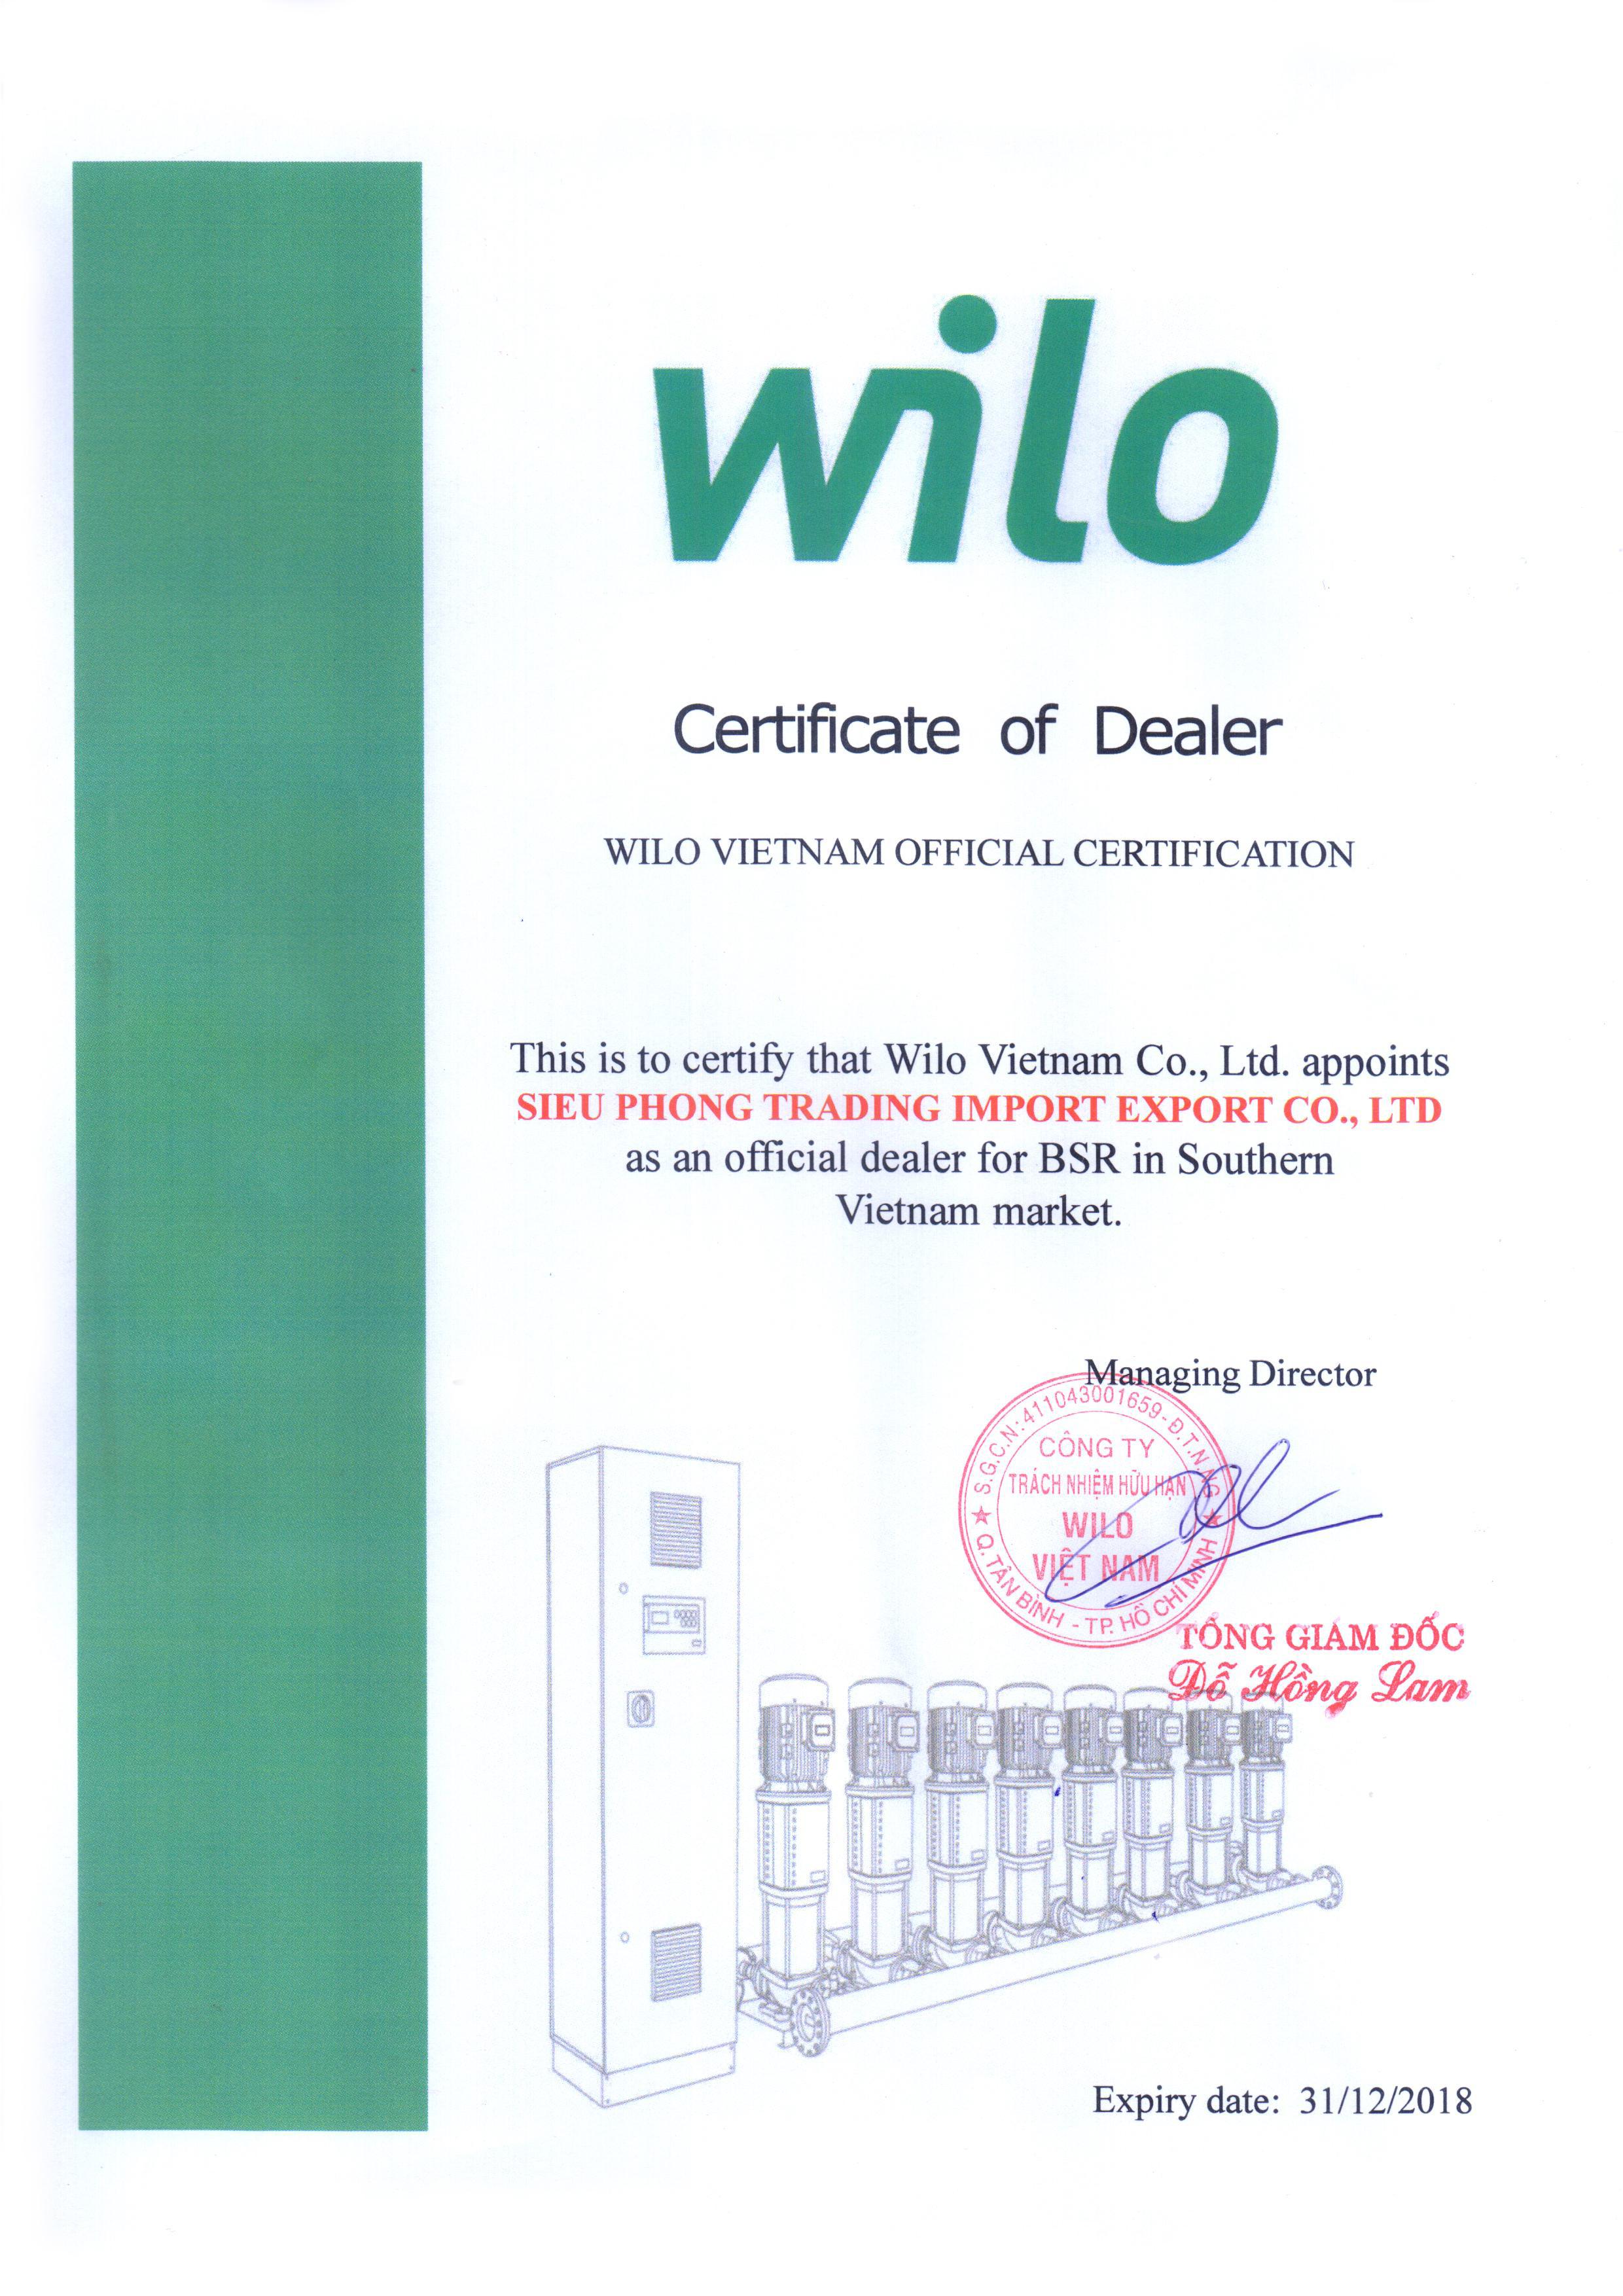 Siêu Phong là nhà phân phối máy bơm Wilo chính thức